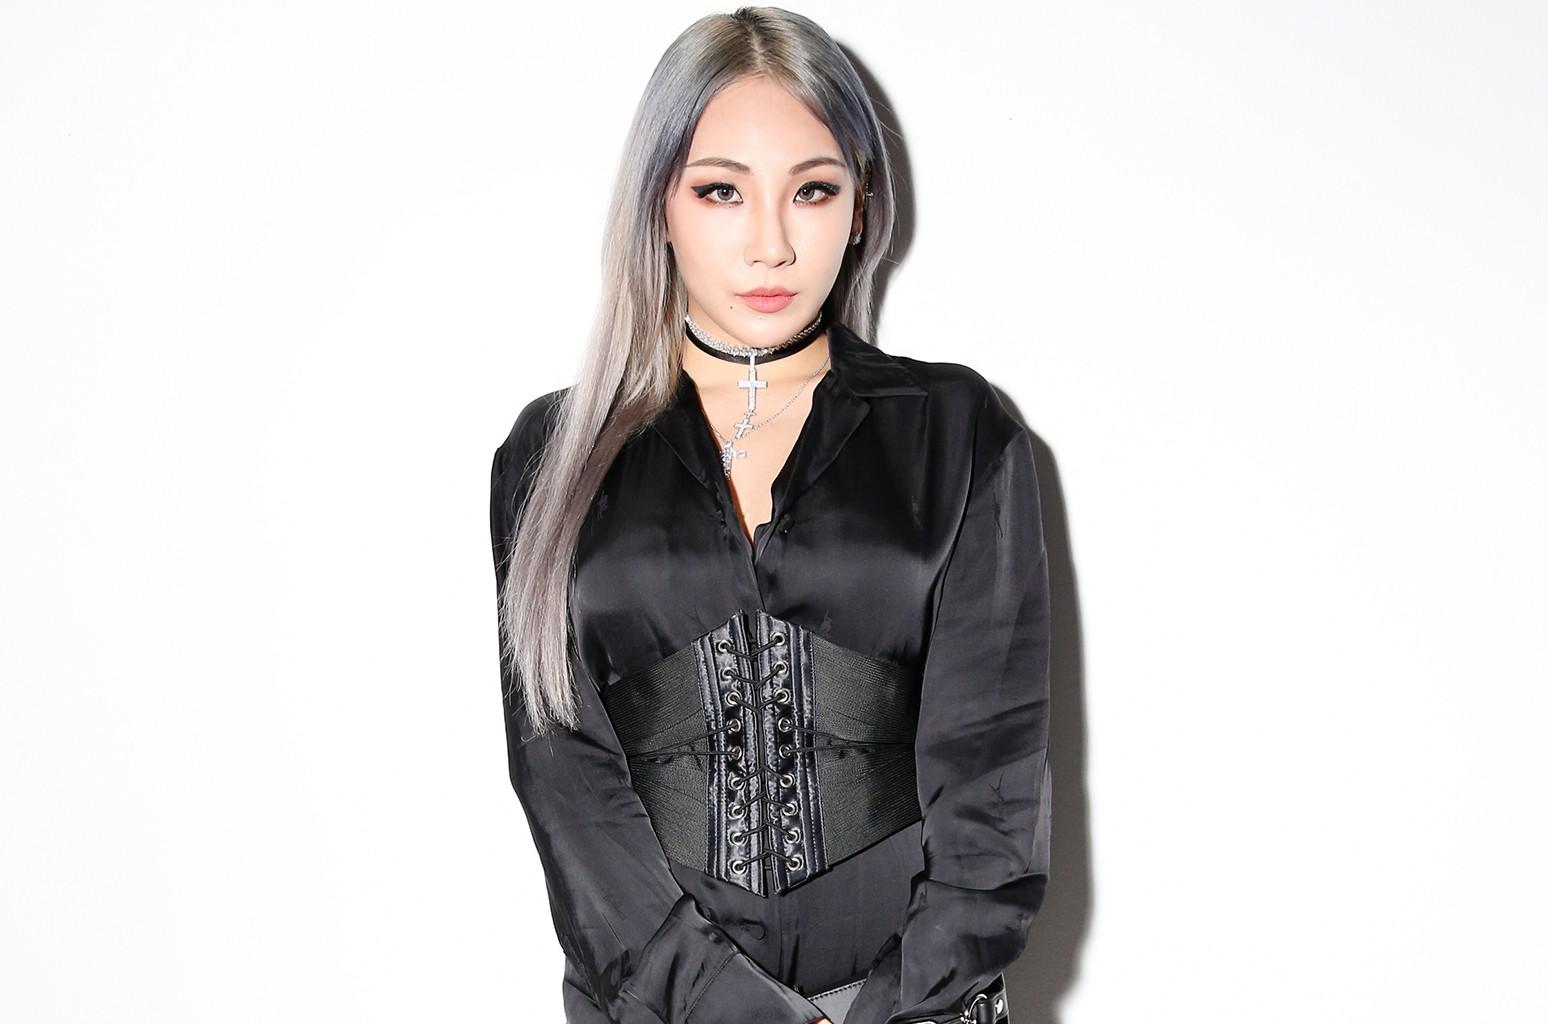 Bạn có biết: CL (2NE1) đã từng có cơ hội sở hữu siêu hit Let Me Love You của Justin Bieber? - Ảnh 2.